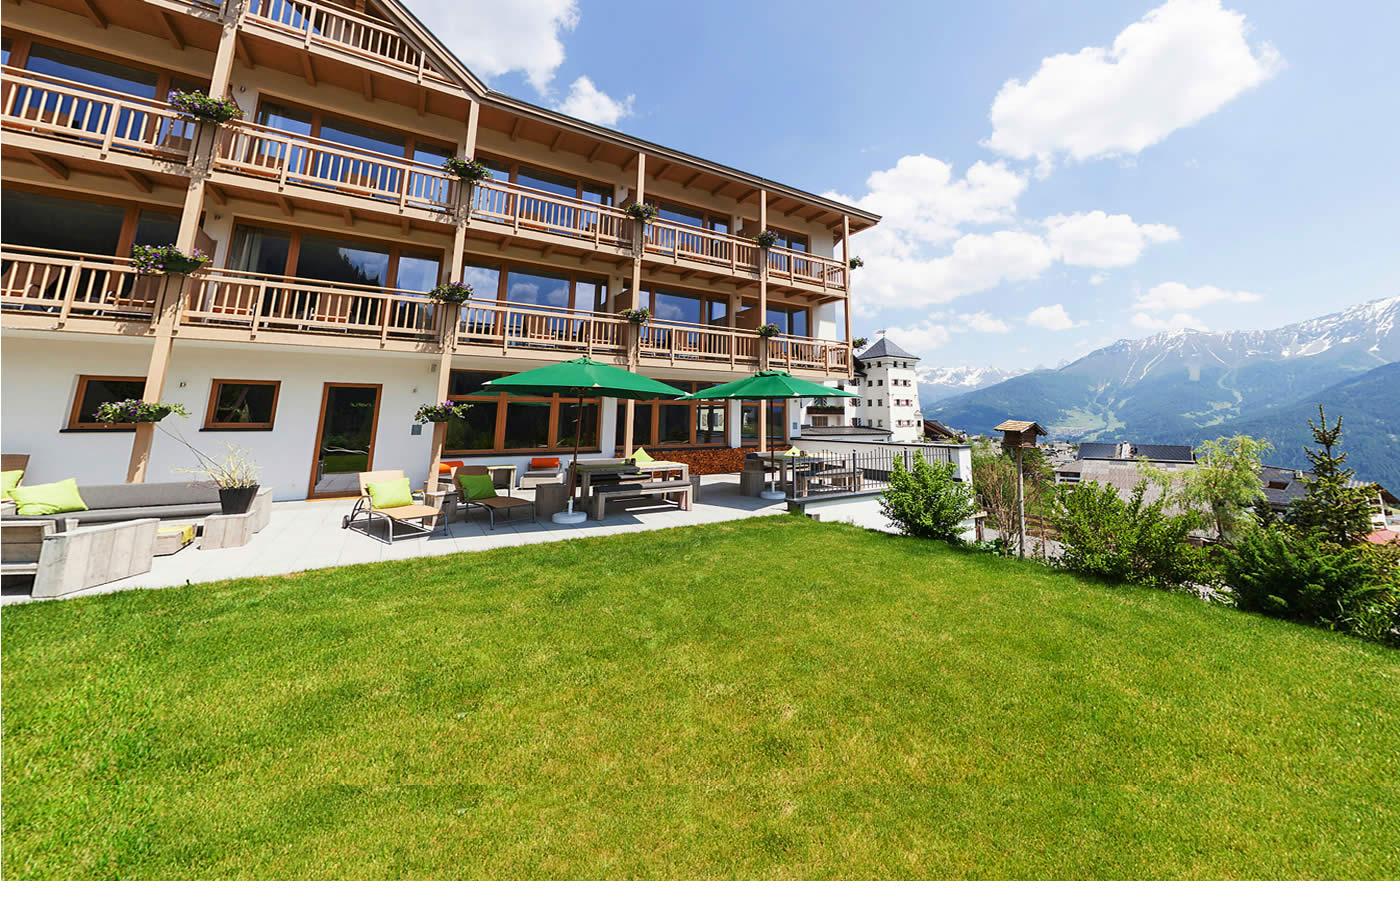 Terrasse des Hotels - Sommer-Urlaub in Fiss - Tirol.